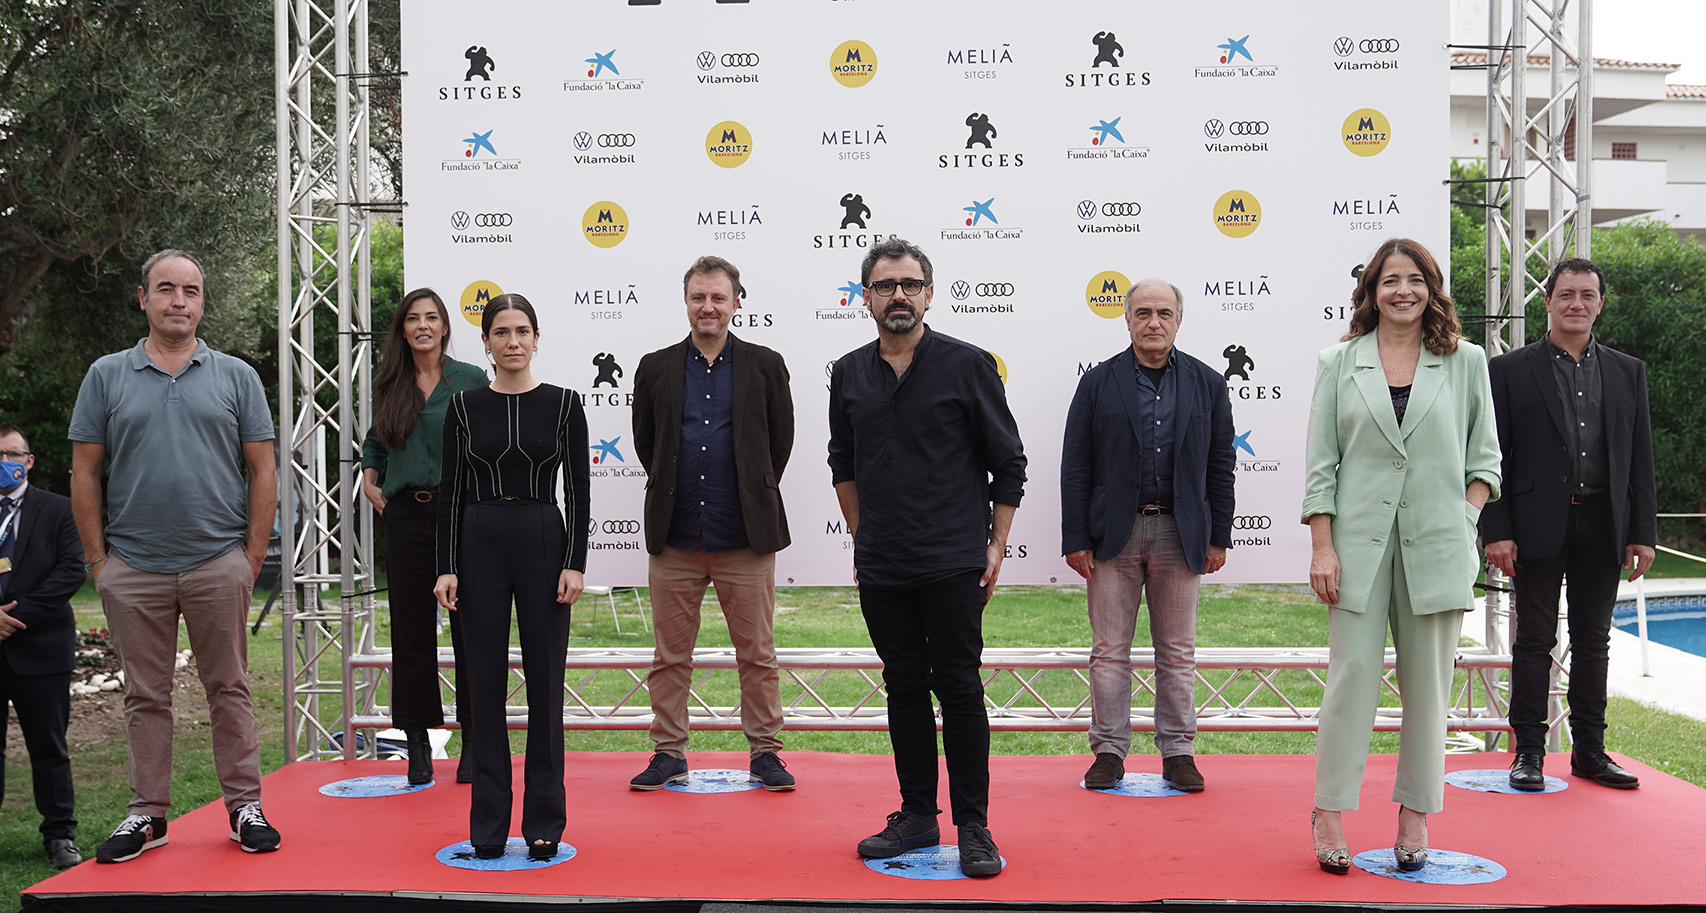 Najwa Nimri cautiva al público de Sitges recogiendo un Gran Premio Honorífico